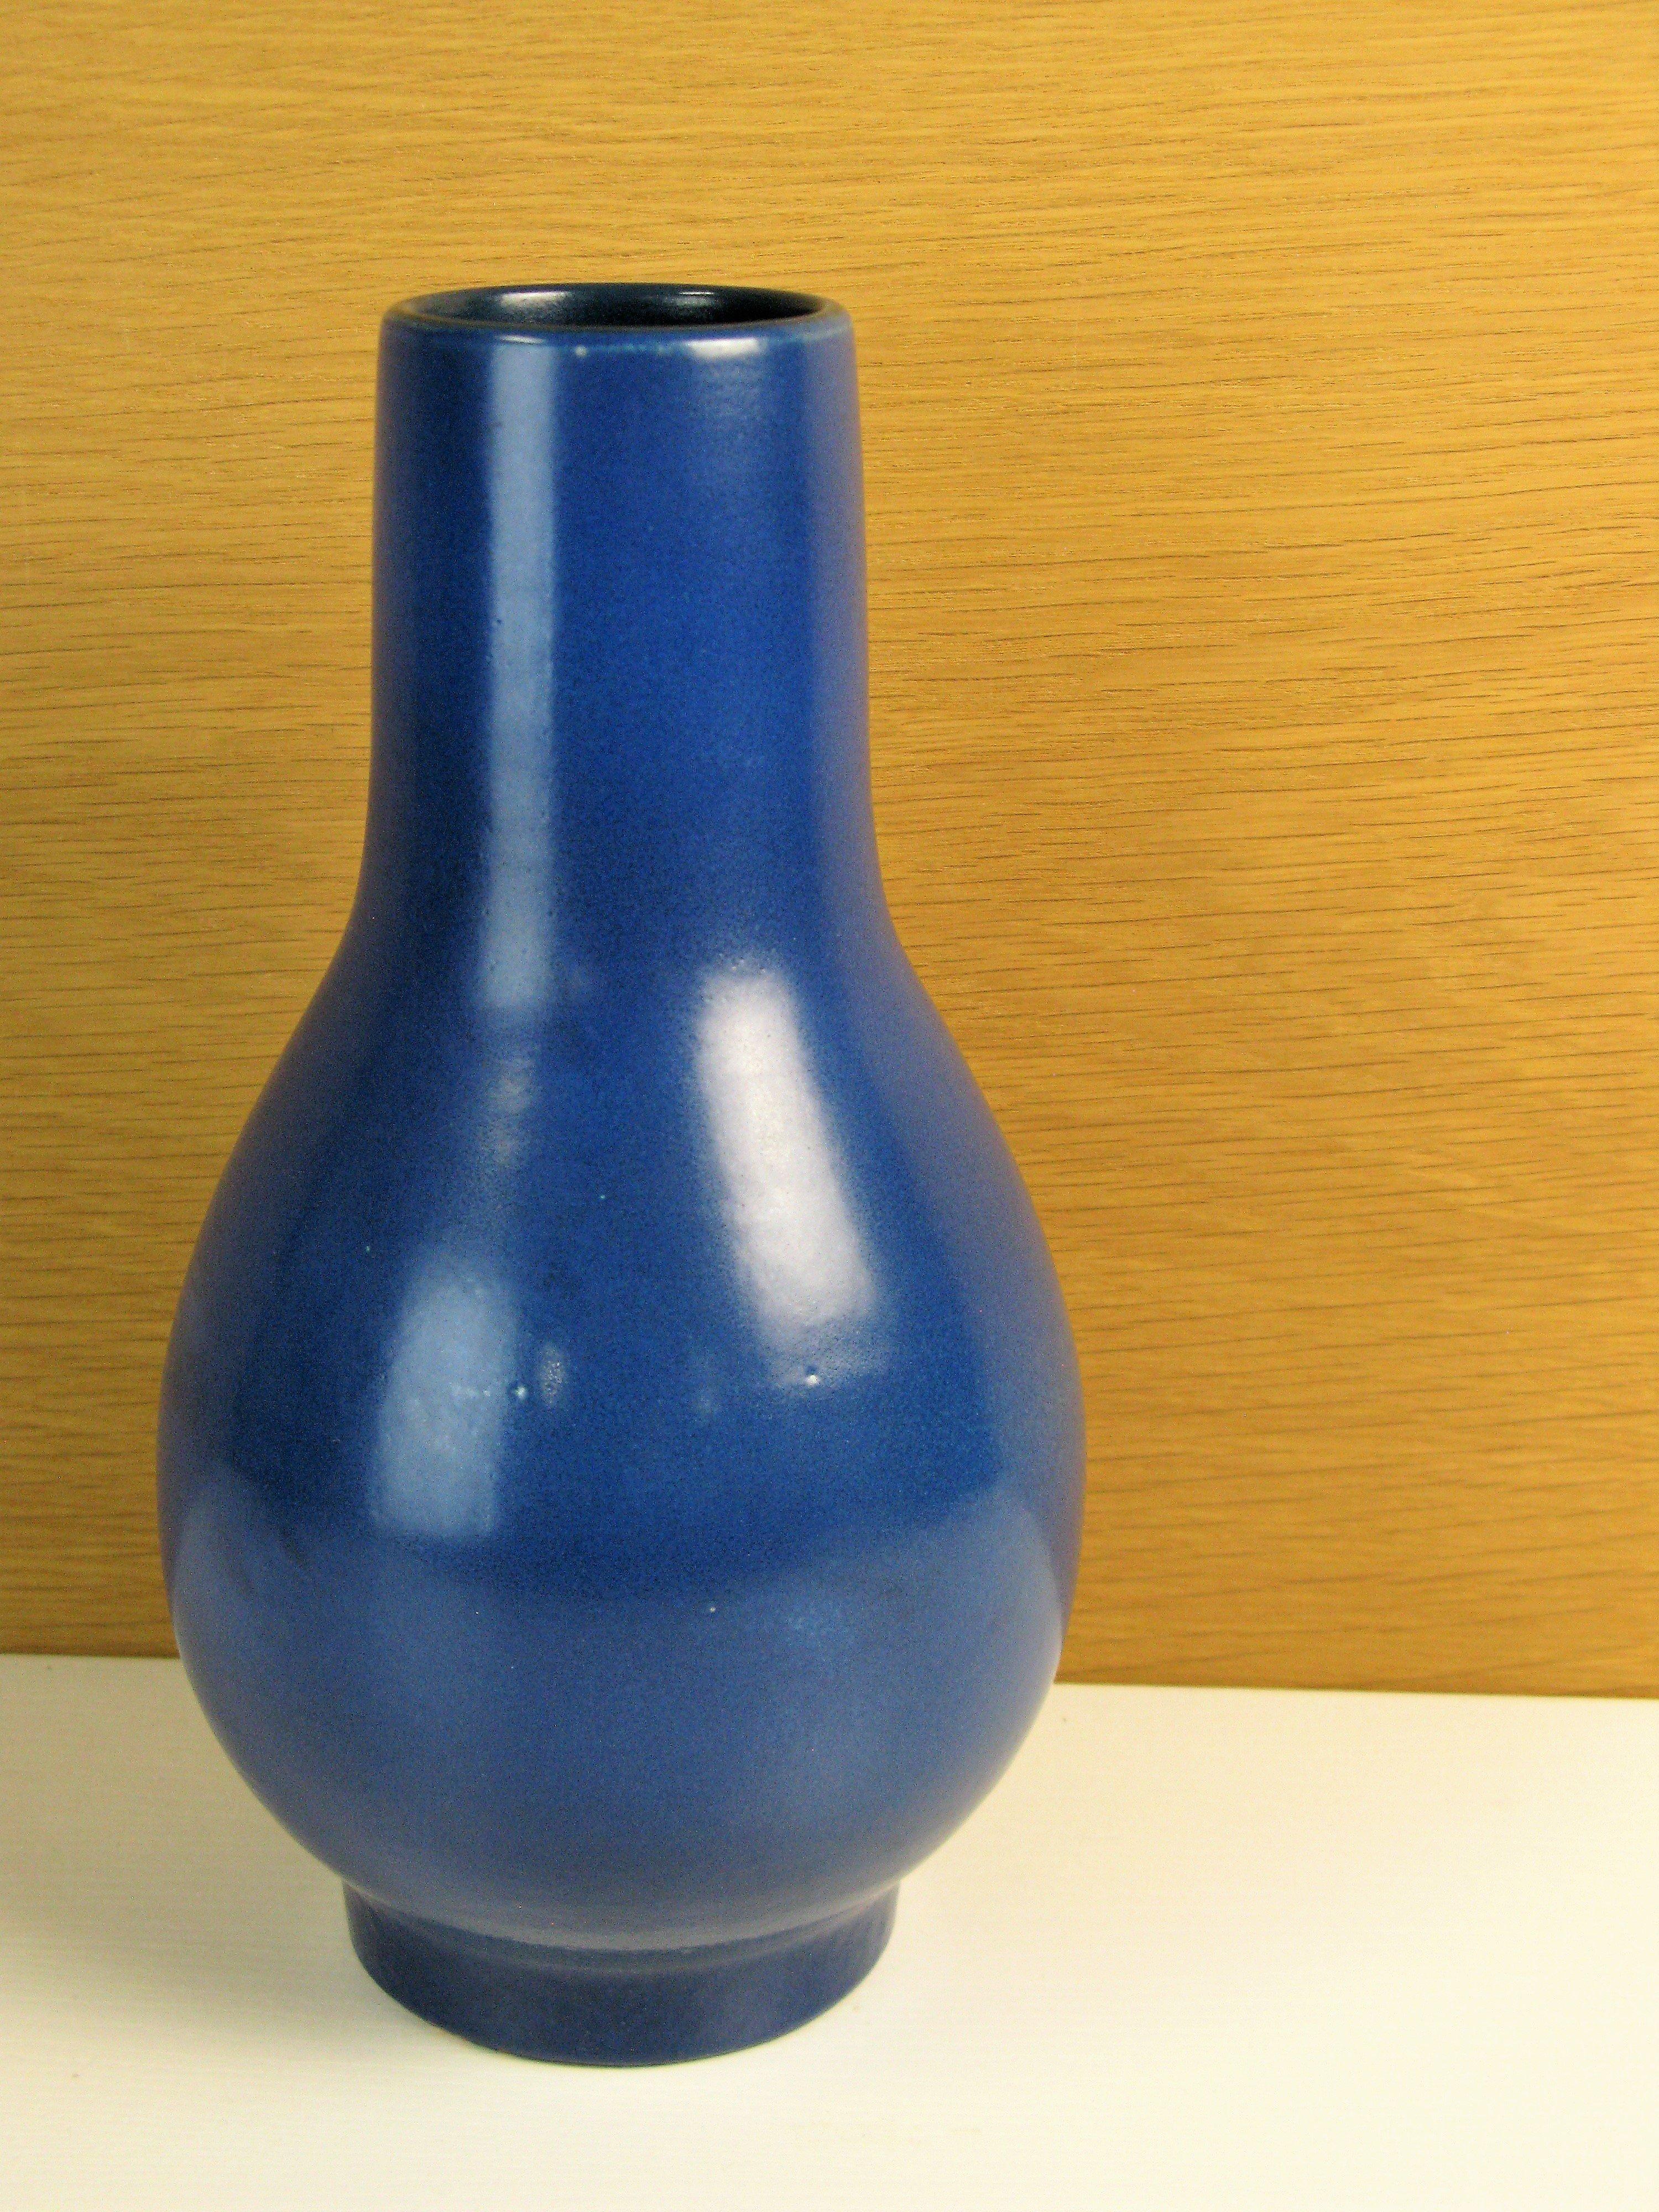 blue faenza vase 2520